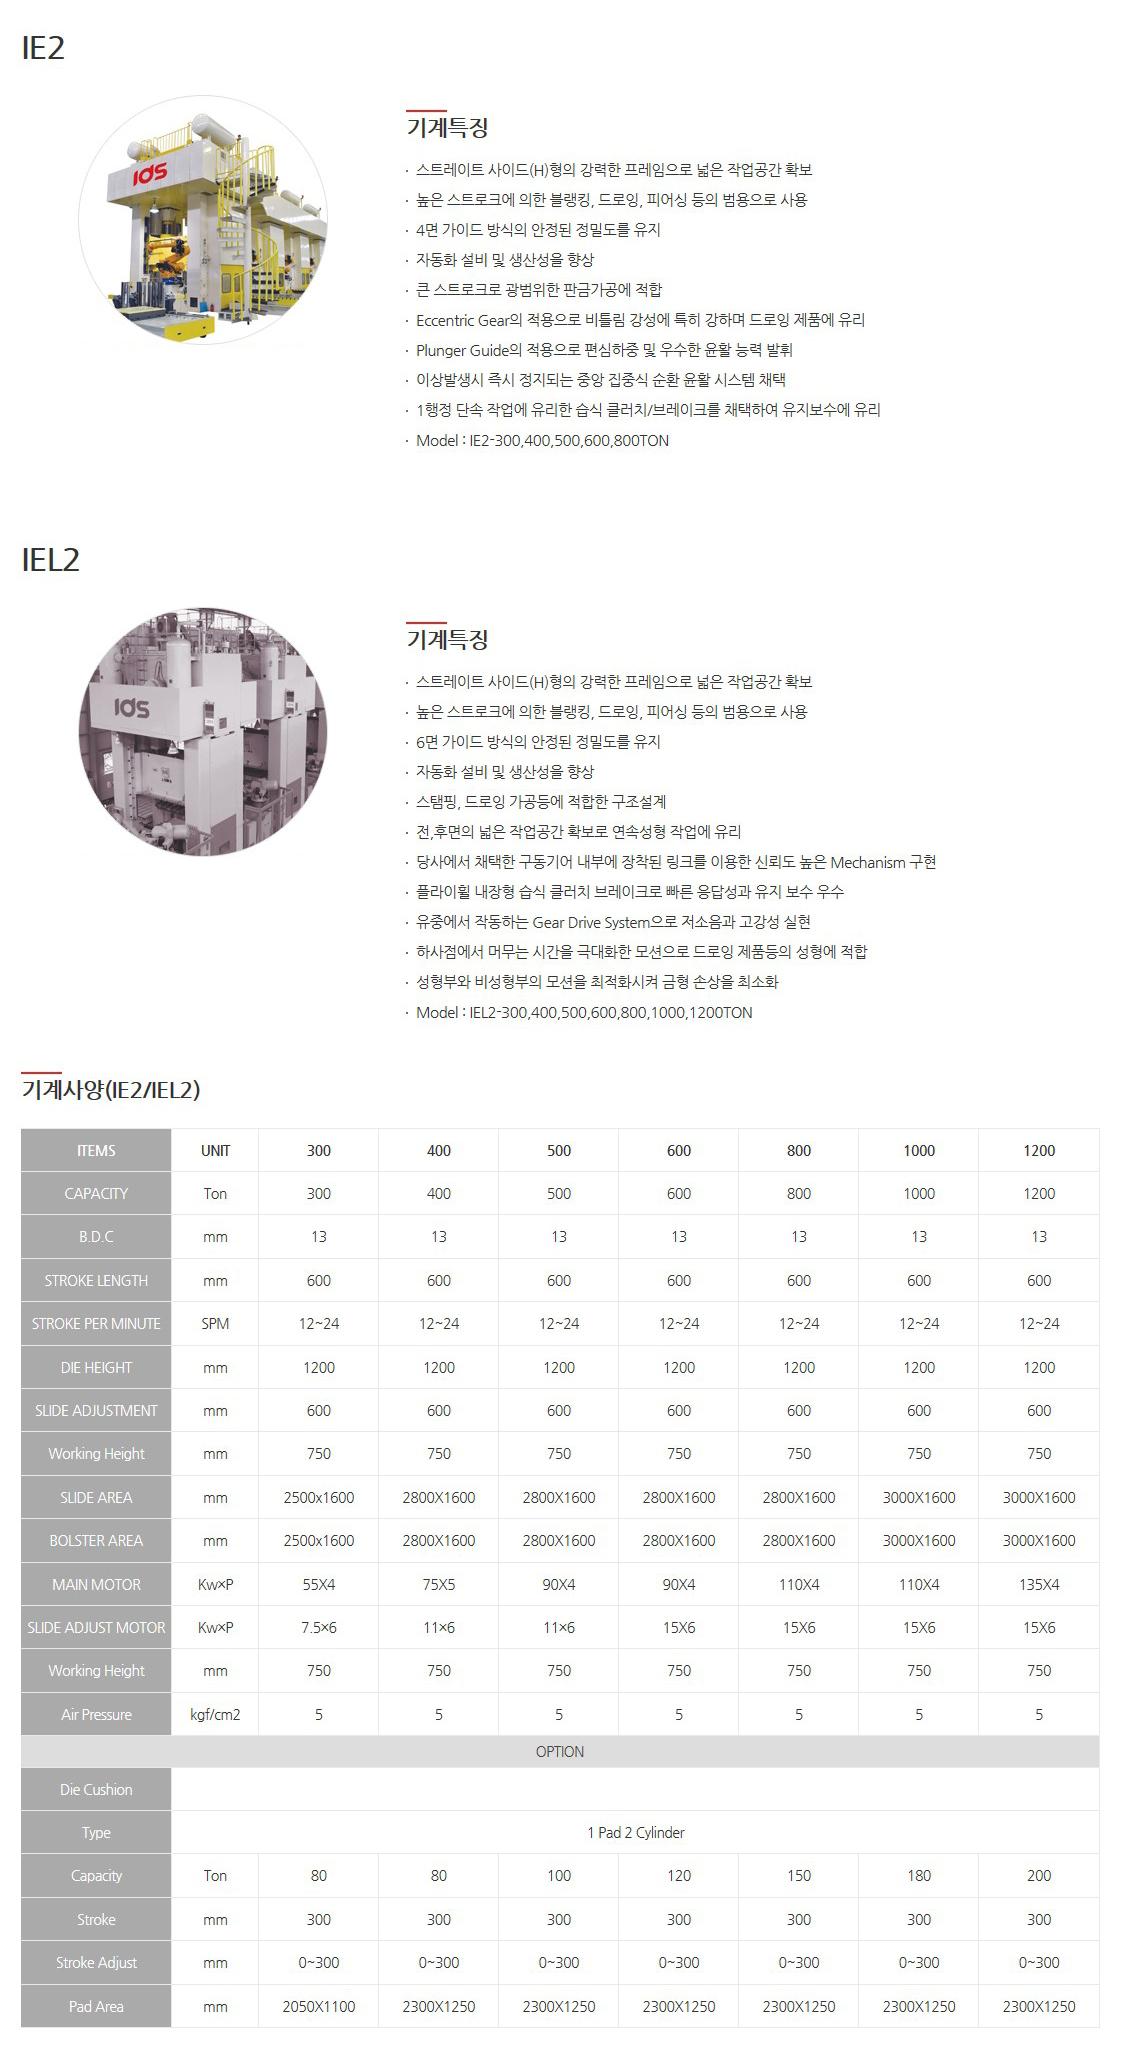 (주)아이디에스 기계식프레스 (H-Type Crankless Press) IE2, IEL2 1